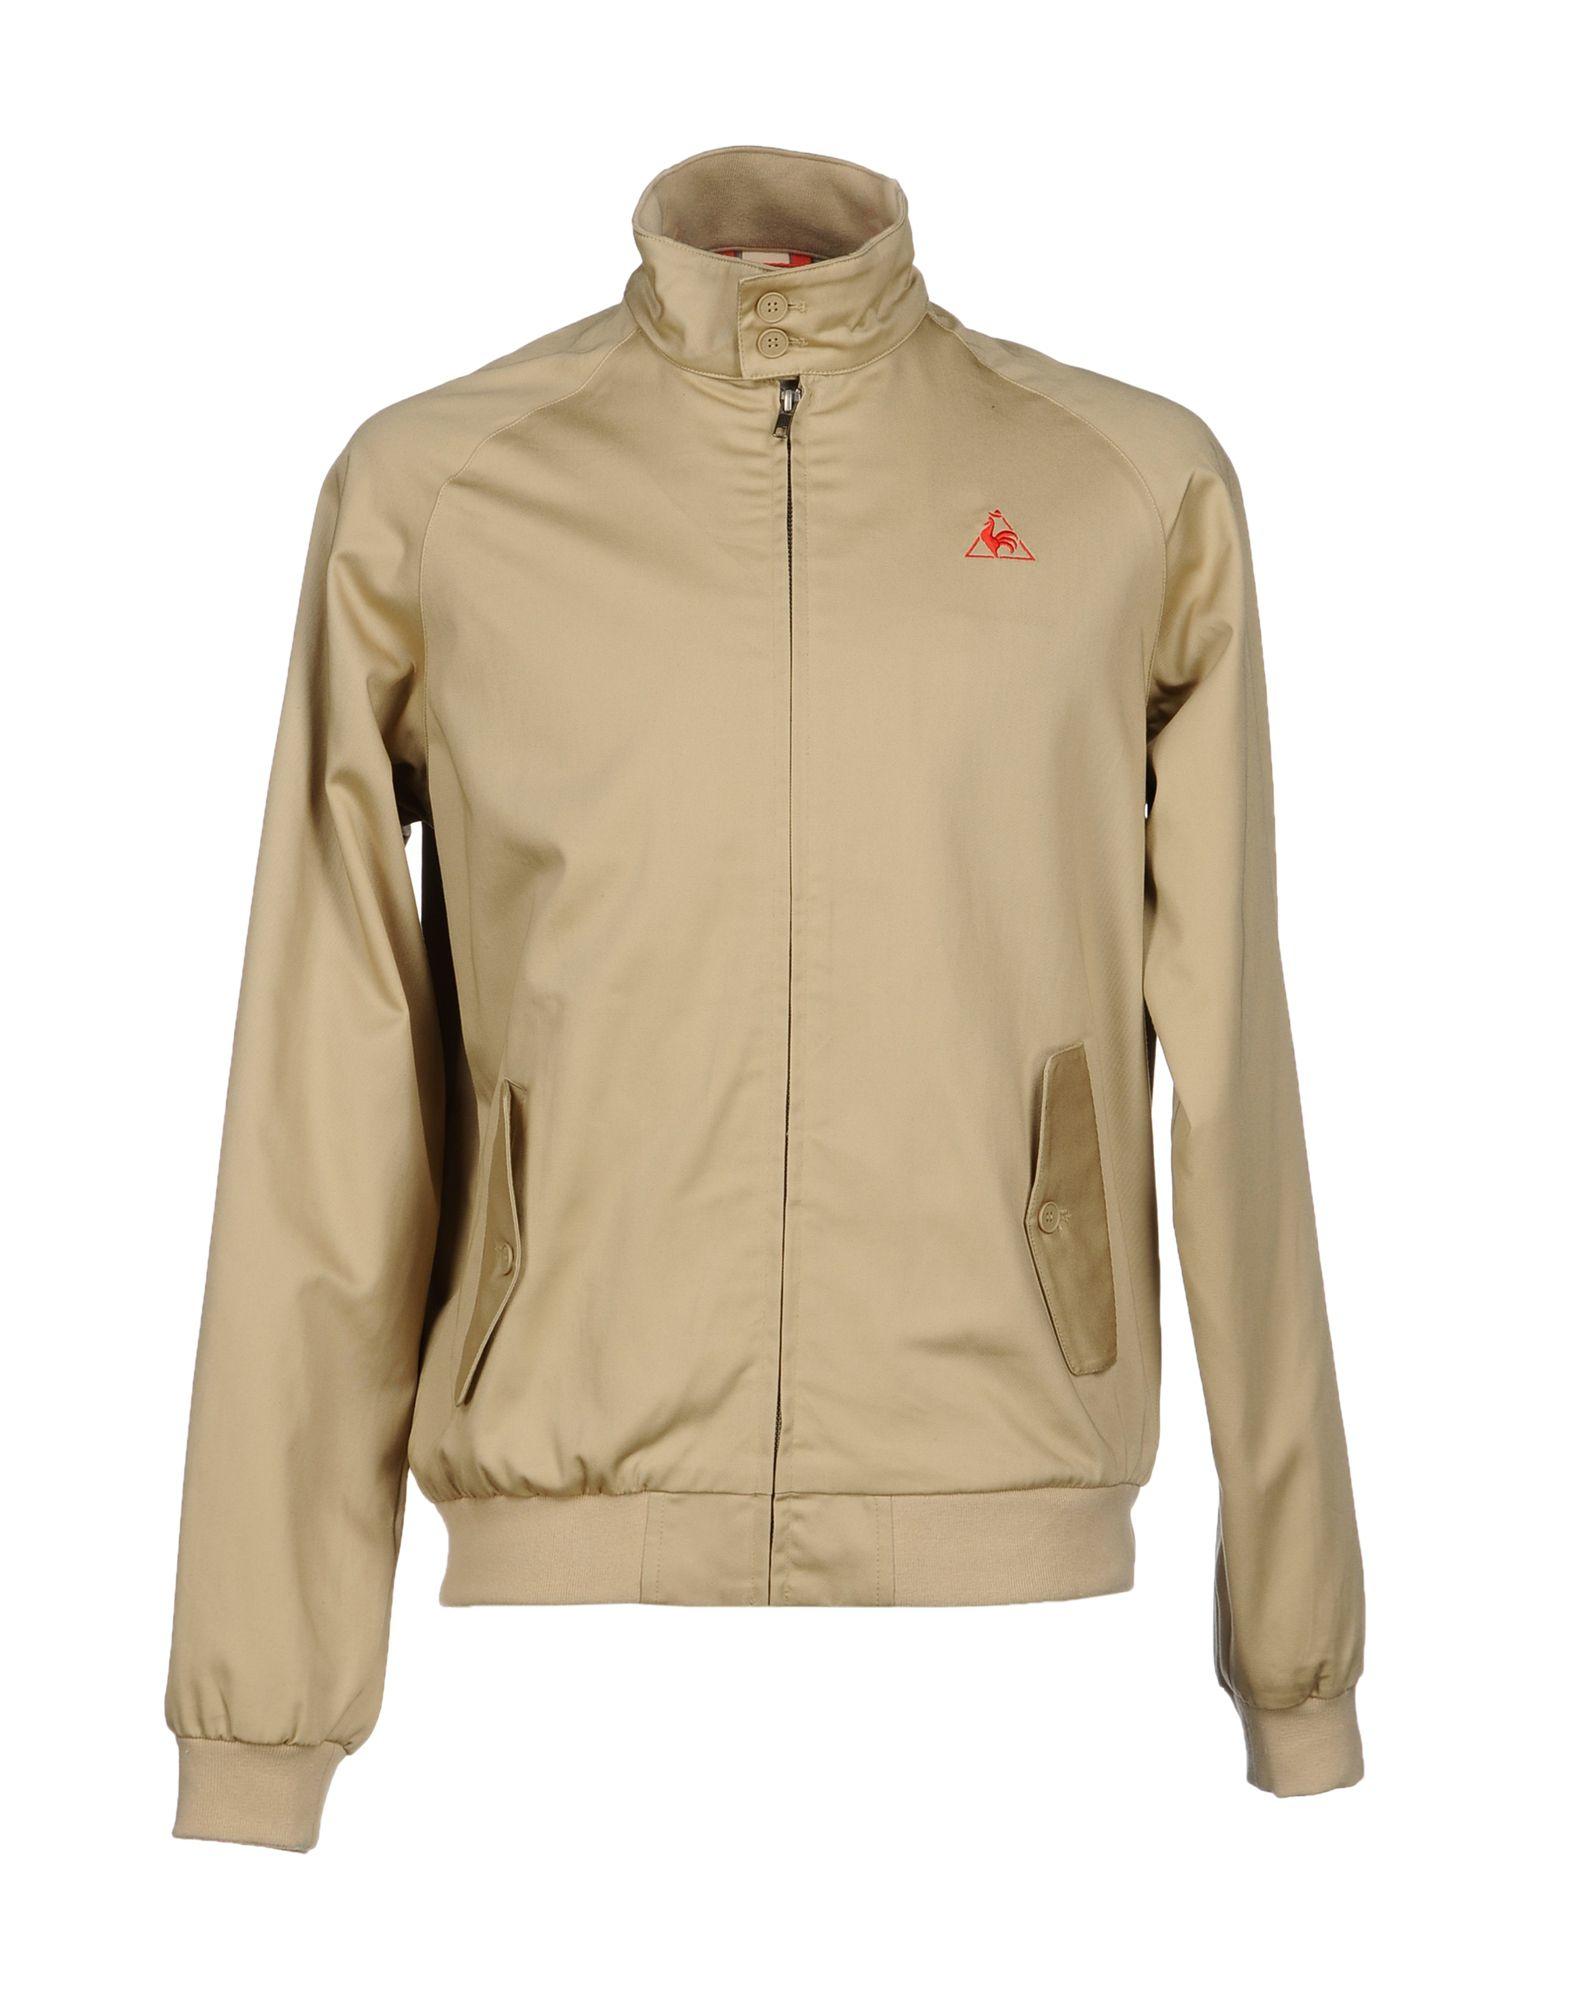 le coq sportif jacket in beige for men sand lyst. Black Bedroom Furniture Sets. Home Design Ideas